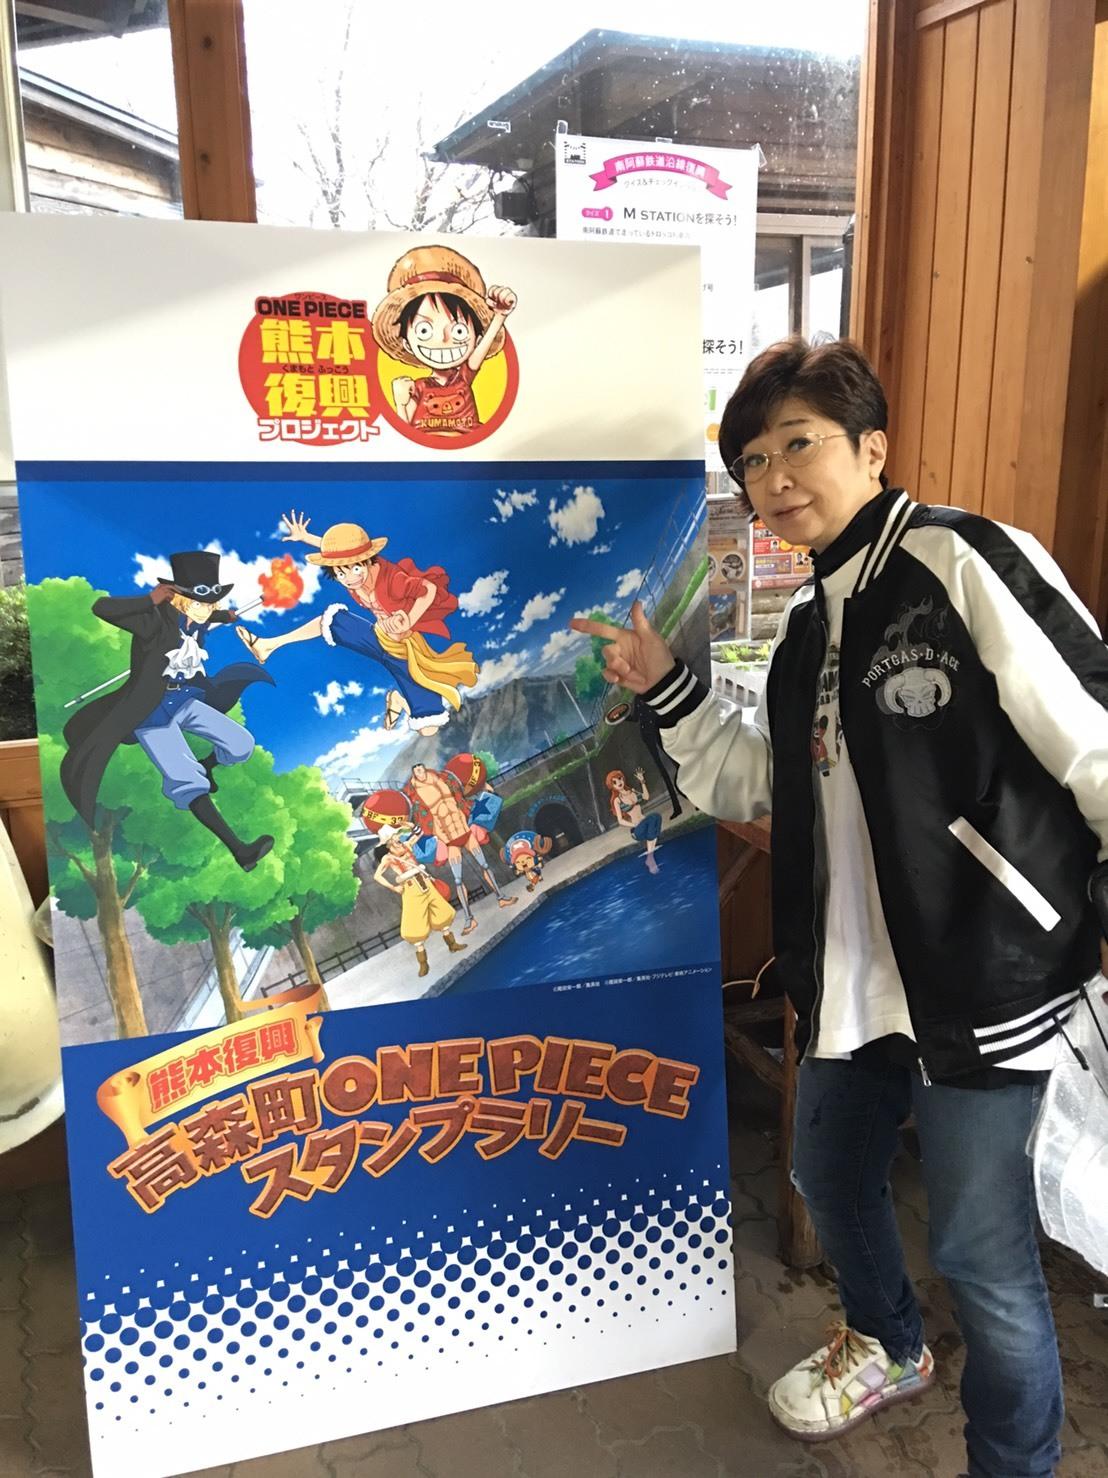 南阿蘇鉄道「ワンピースラッピング列車」出発セレモニー_a0163623_23120477.jpg